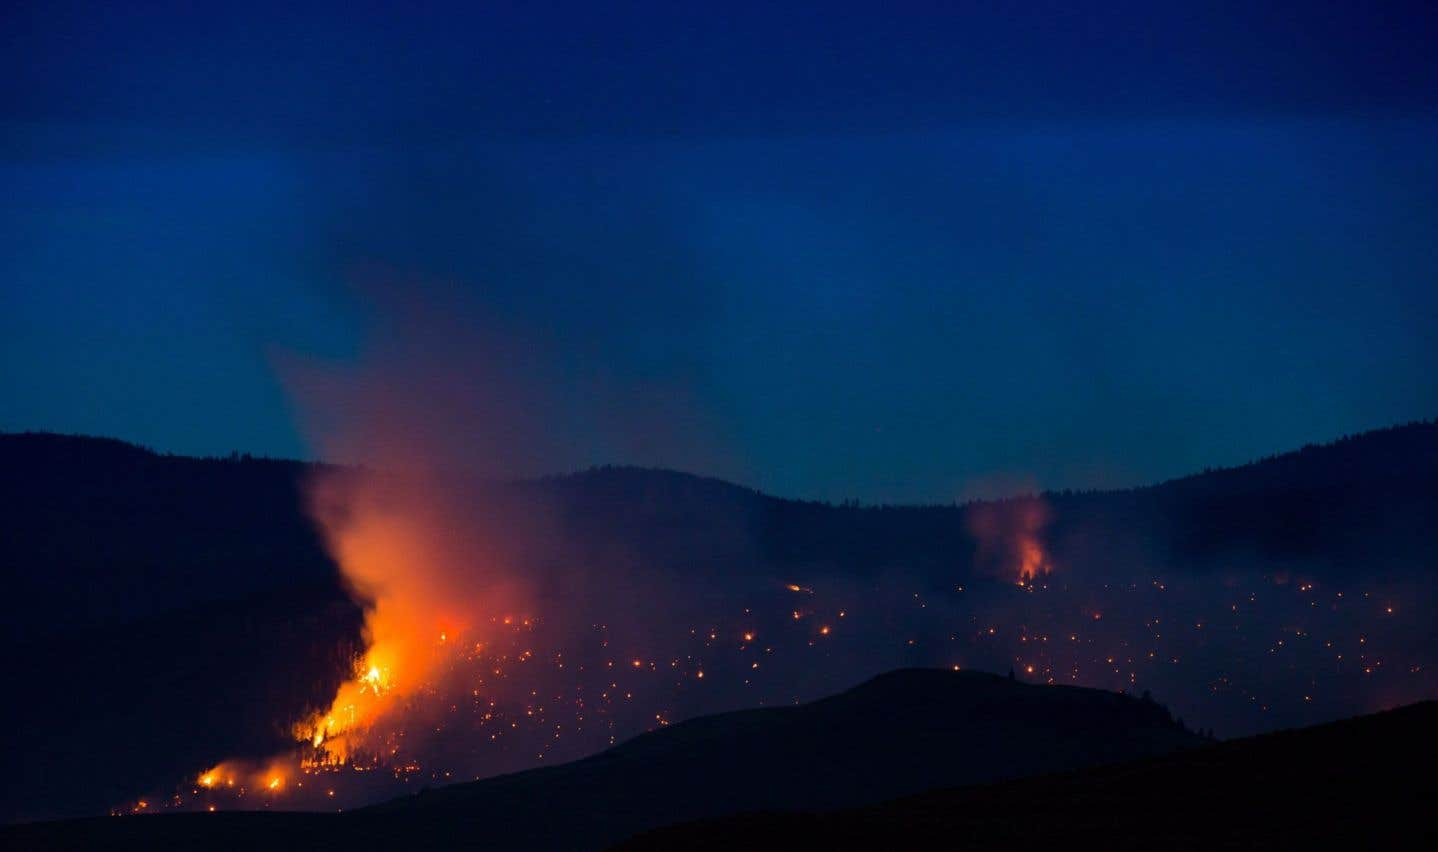 Colombie-Britannique: des pompiers québécois envoyés en renfort